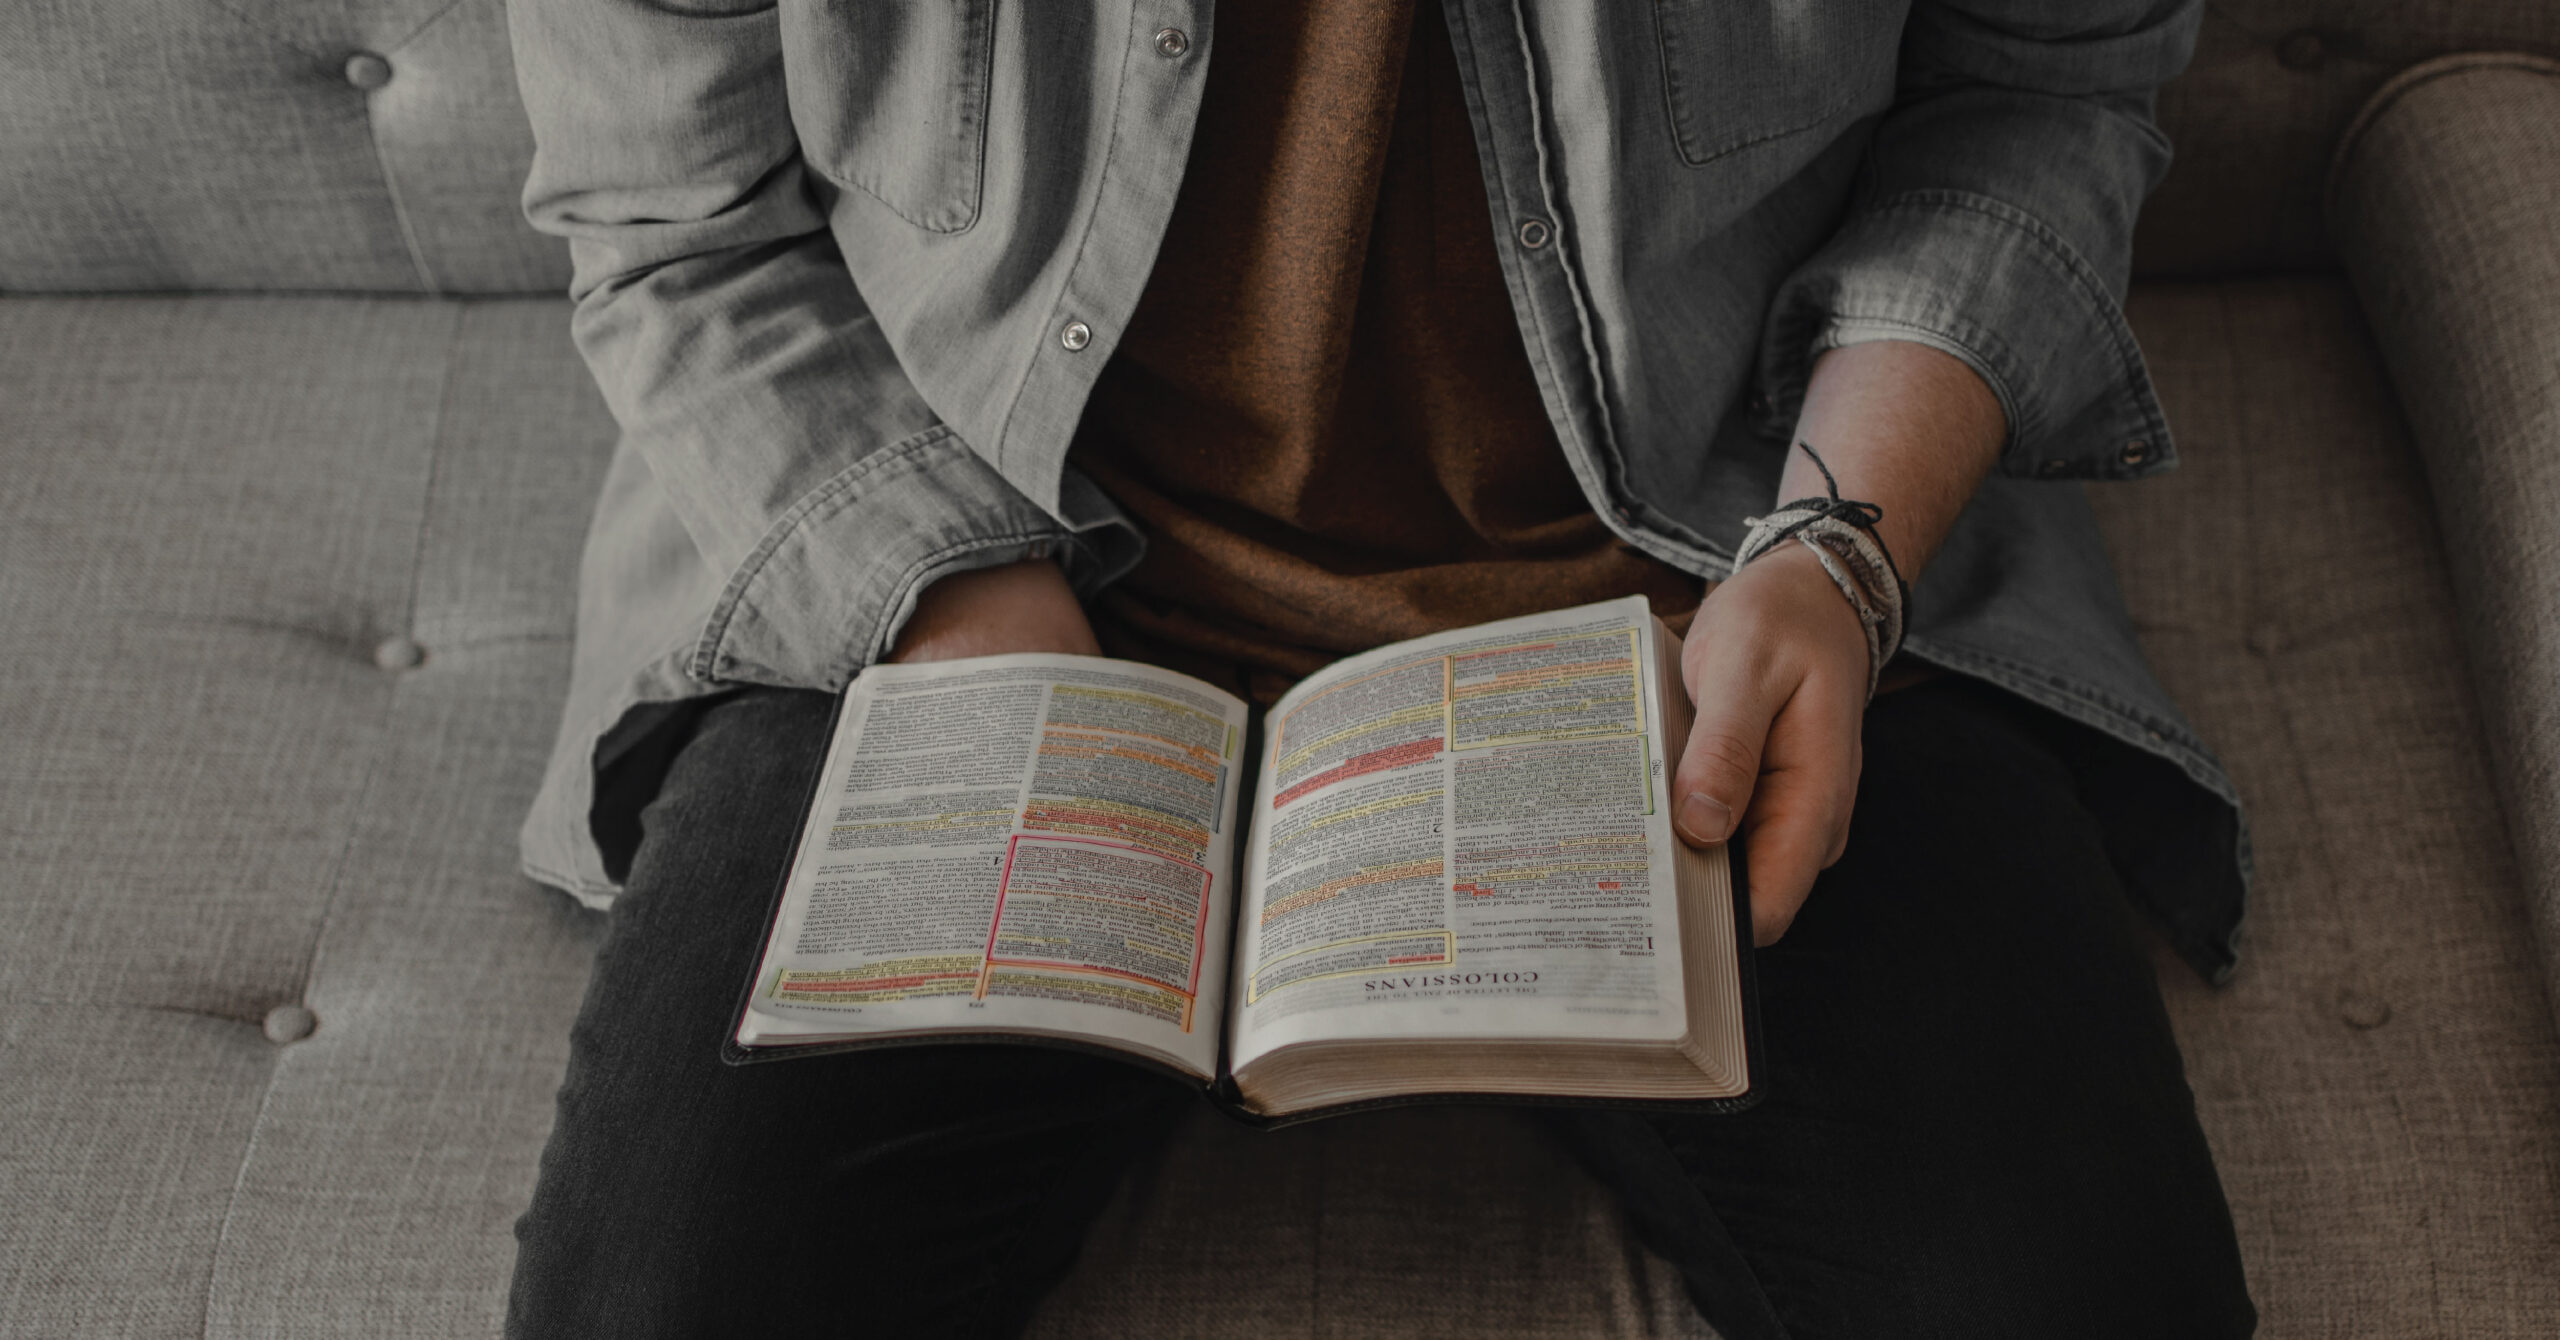 แค่รู้พระคัมภีร์มันไม่เพียงพอ